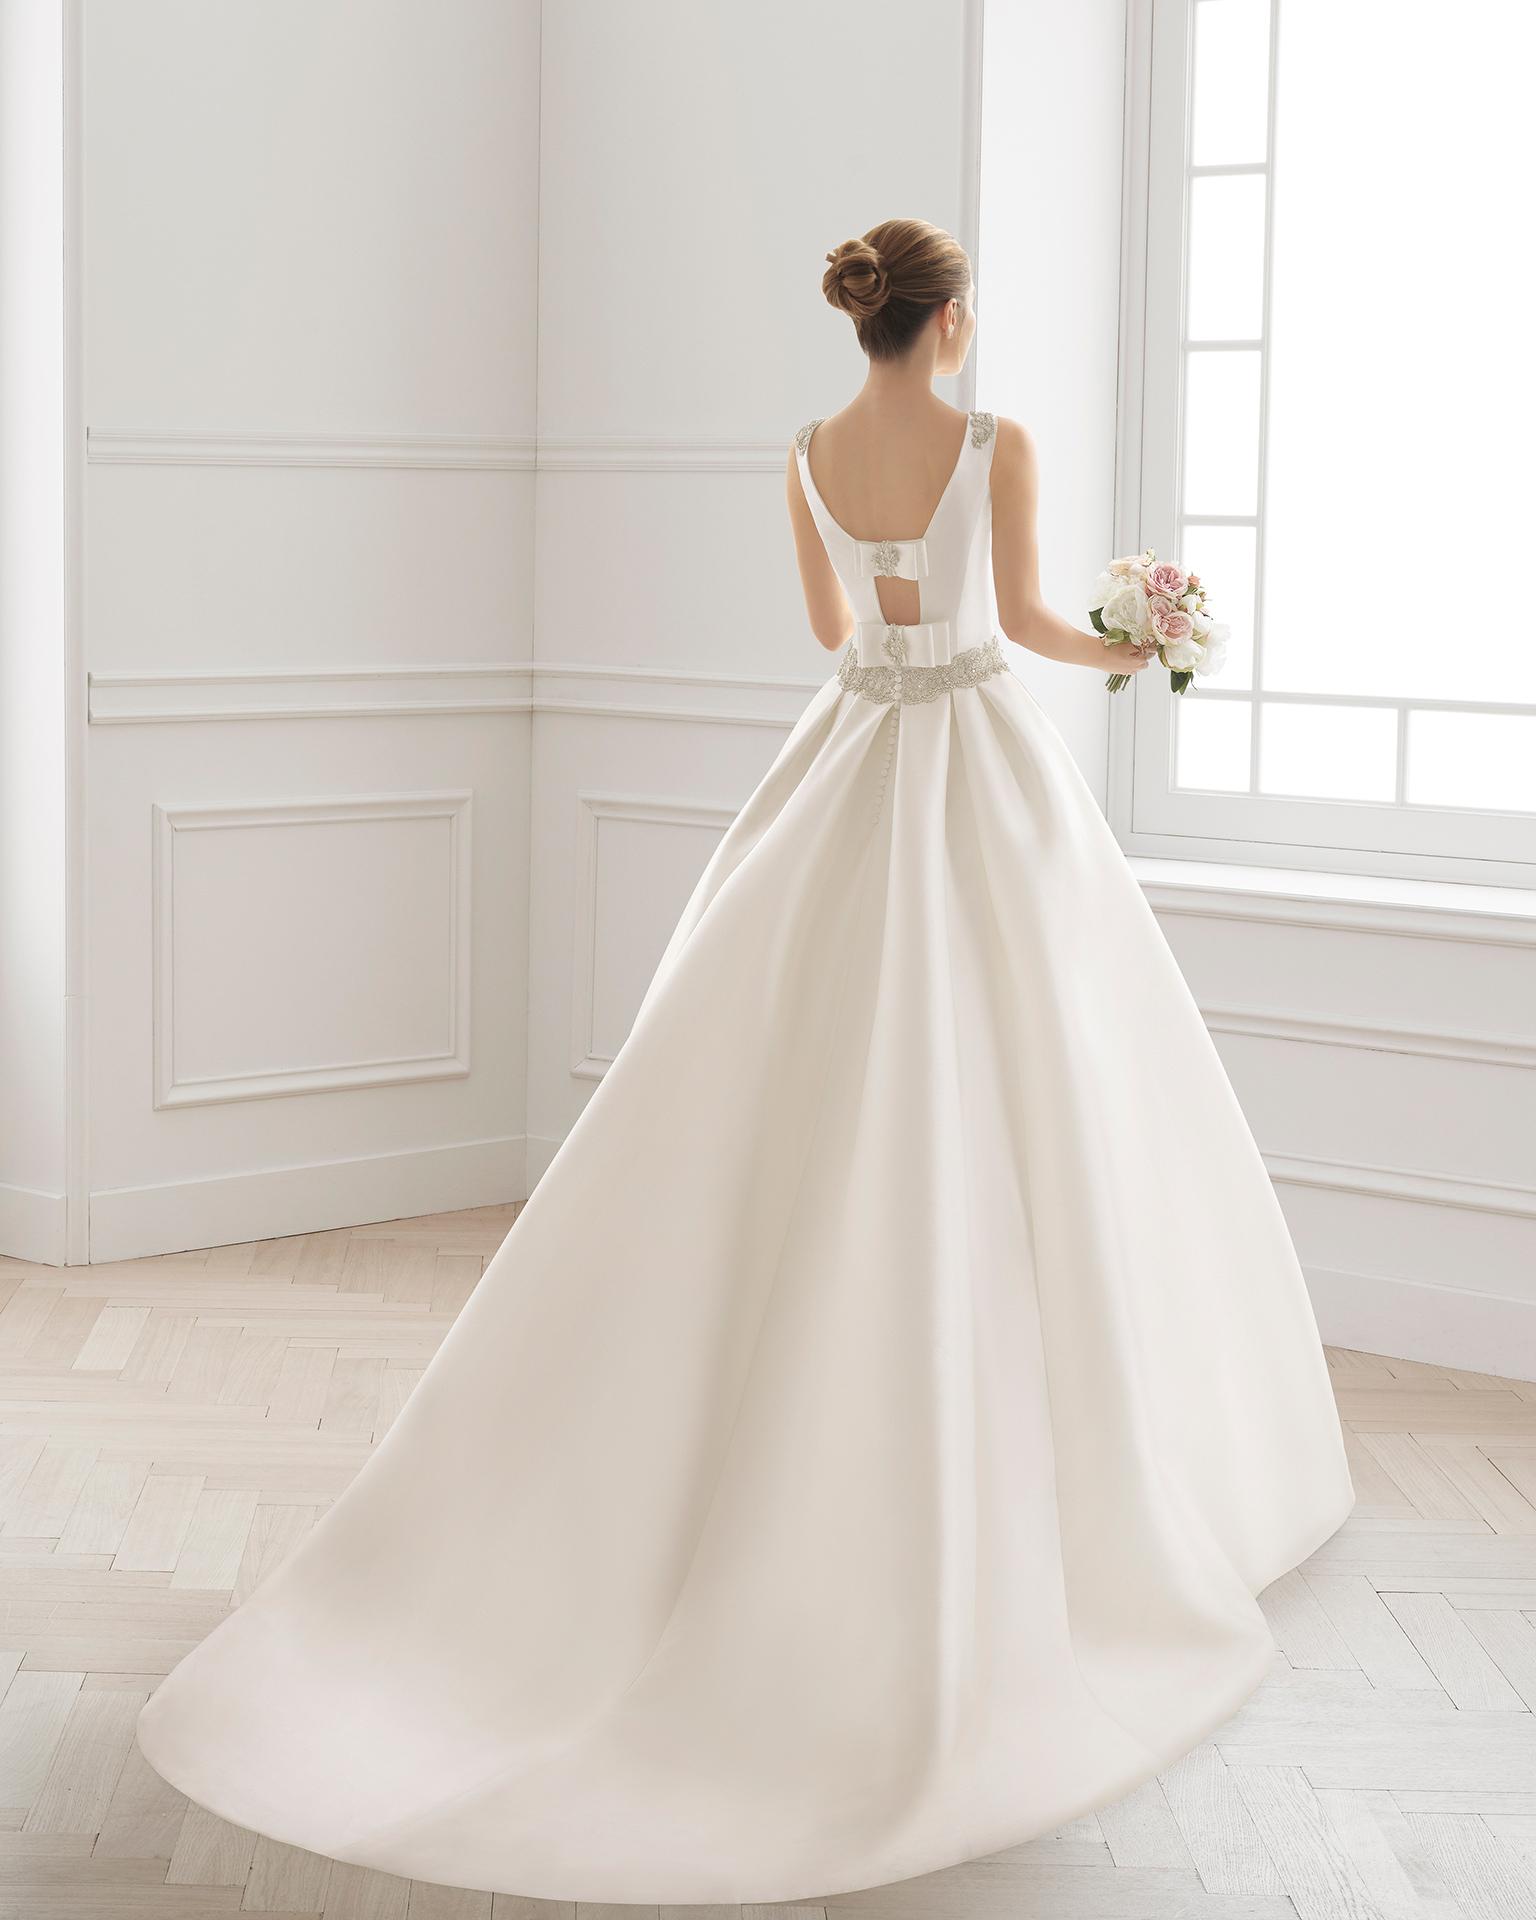 Vestido de novia clásico de costura de mikado, con escote barco y espalda cerrada con lazos, y cinturón de pedrería en cintura, en color natural.